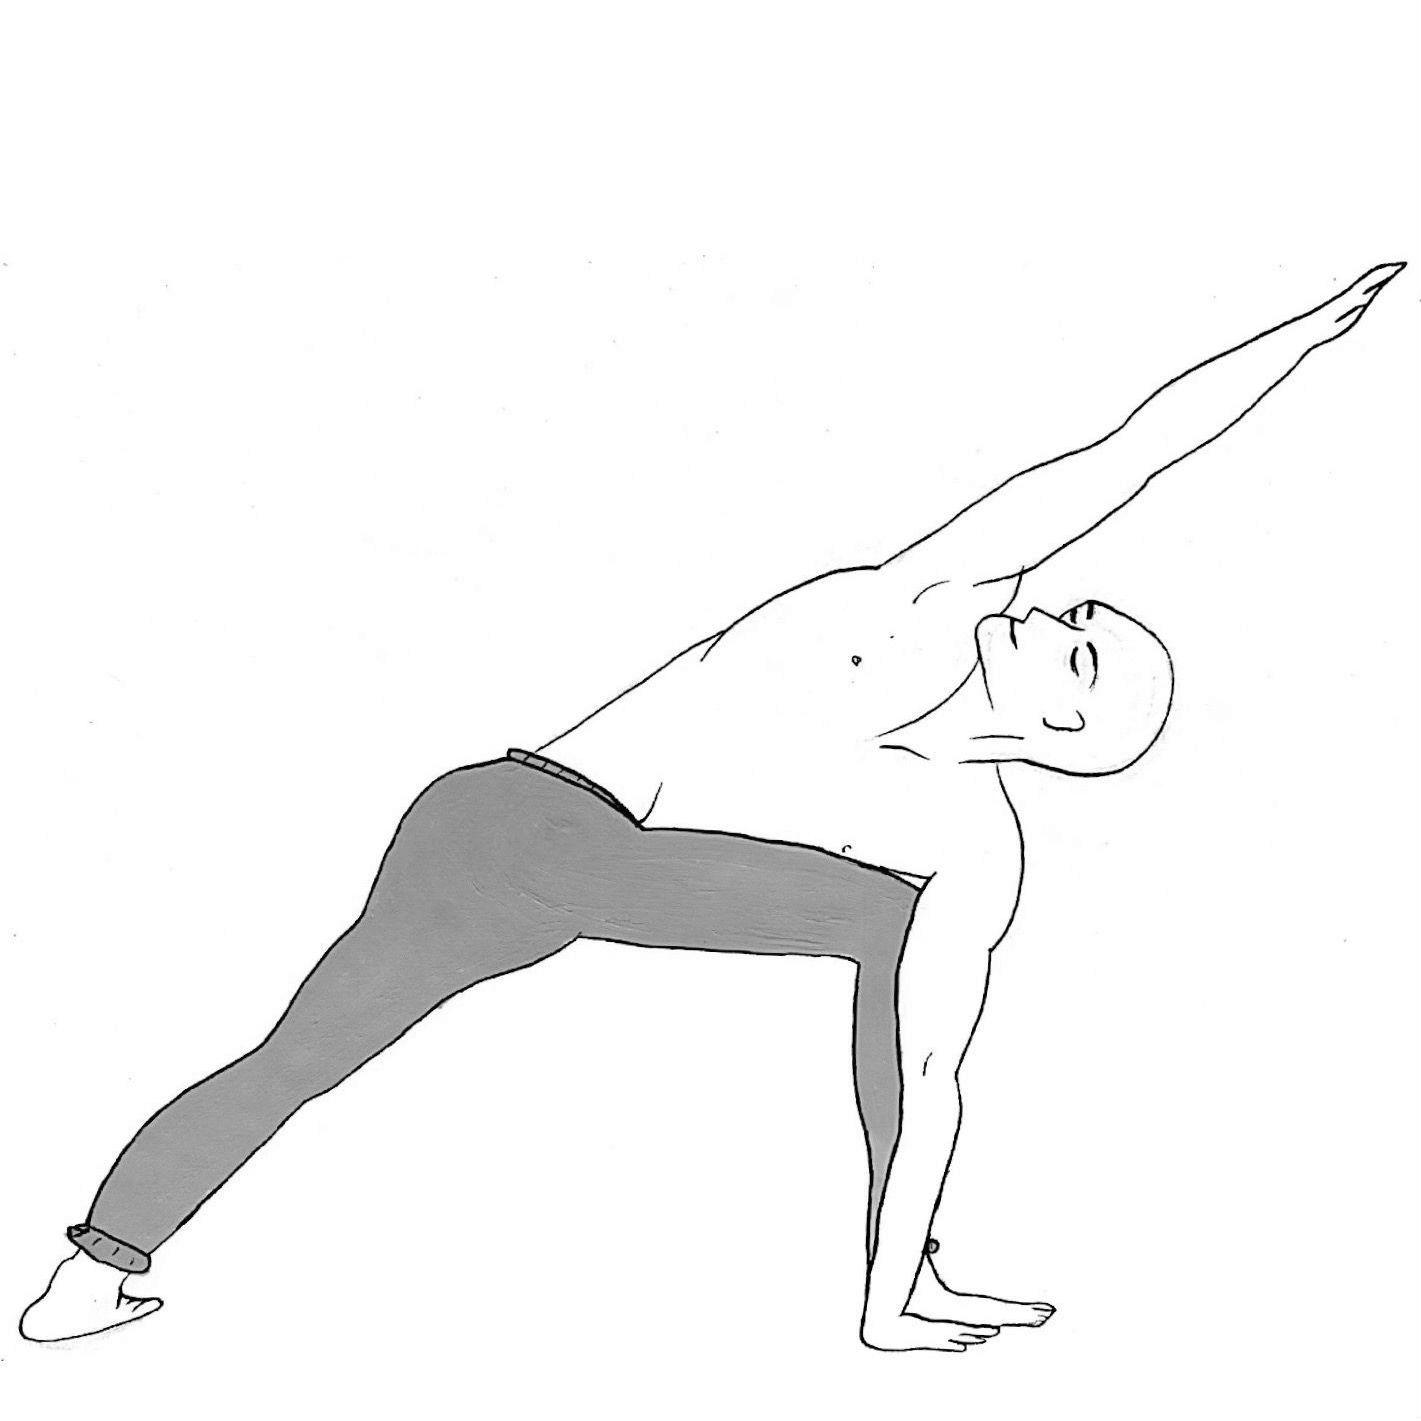 Revolved Extended Side Angle - Parivritta Parsvakonasana